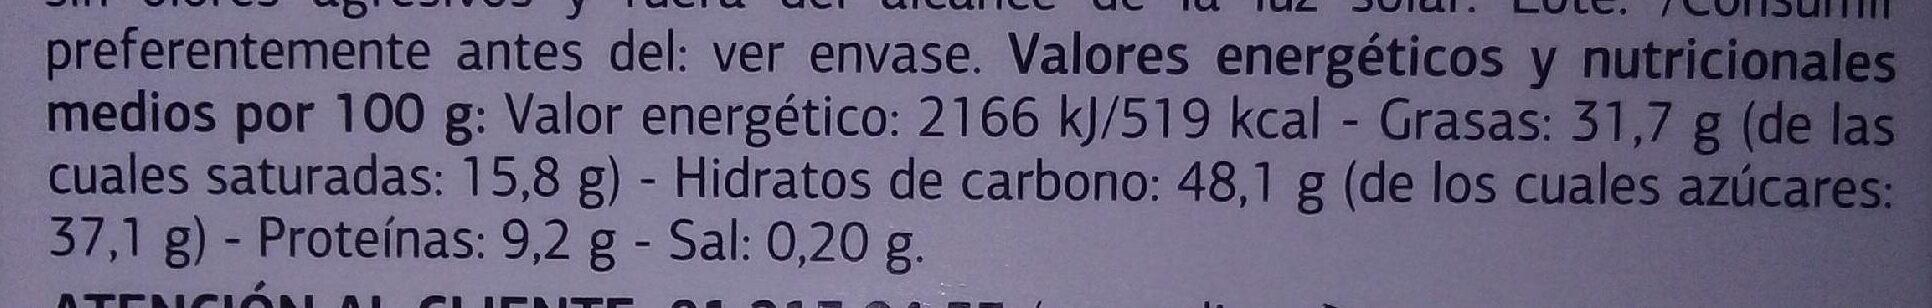 Chocolate con leche almendras enteras y pasas - Nutrition facts